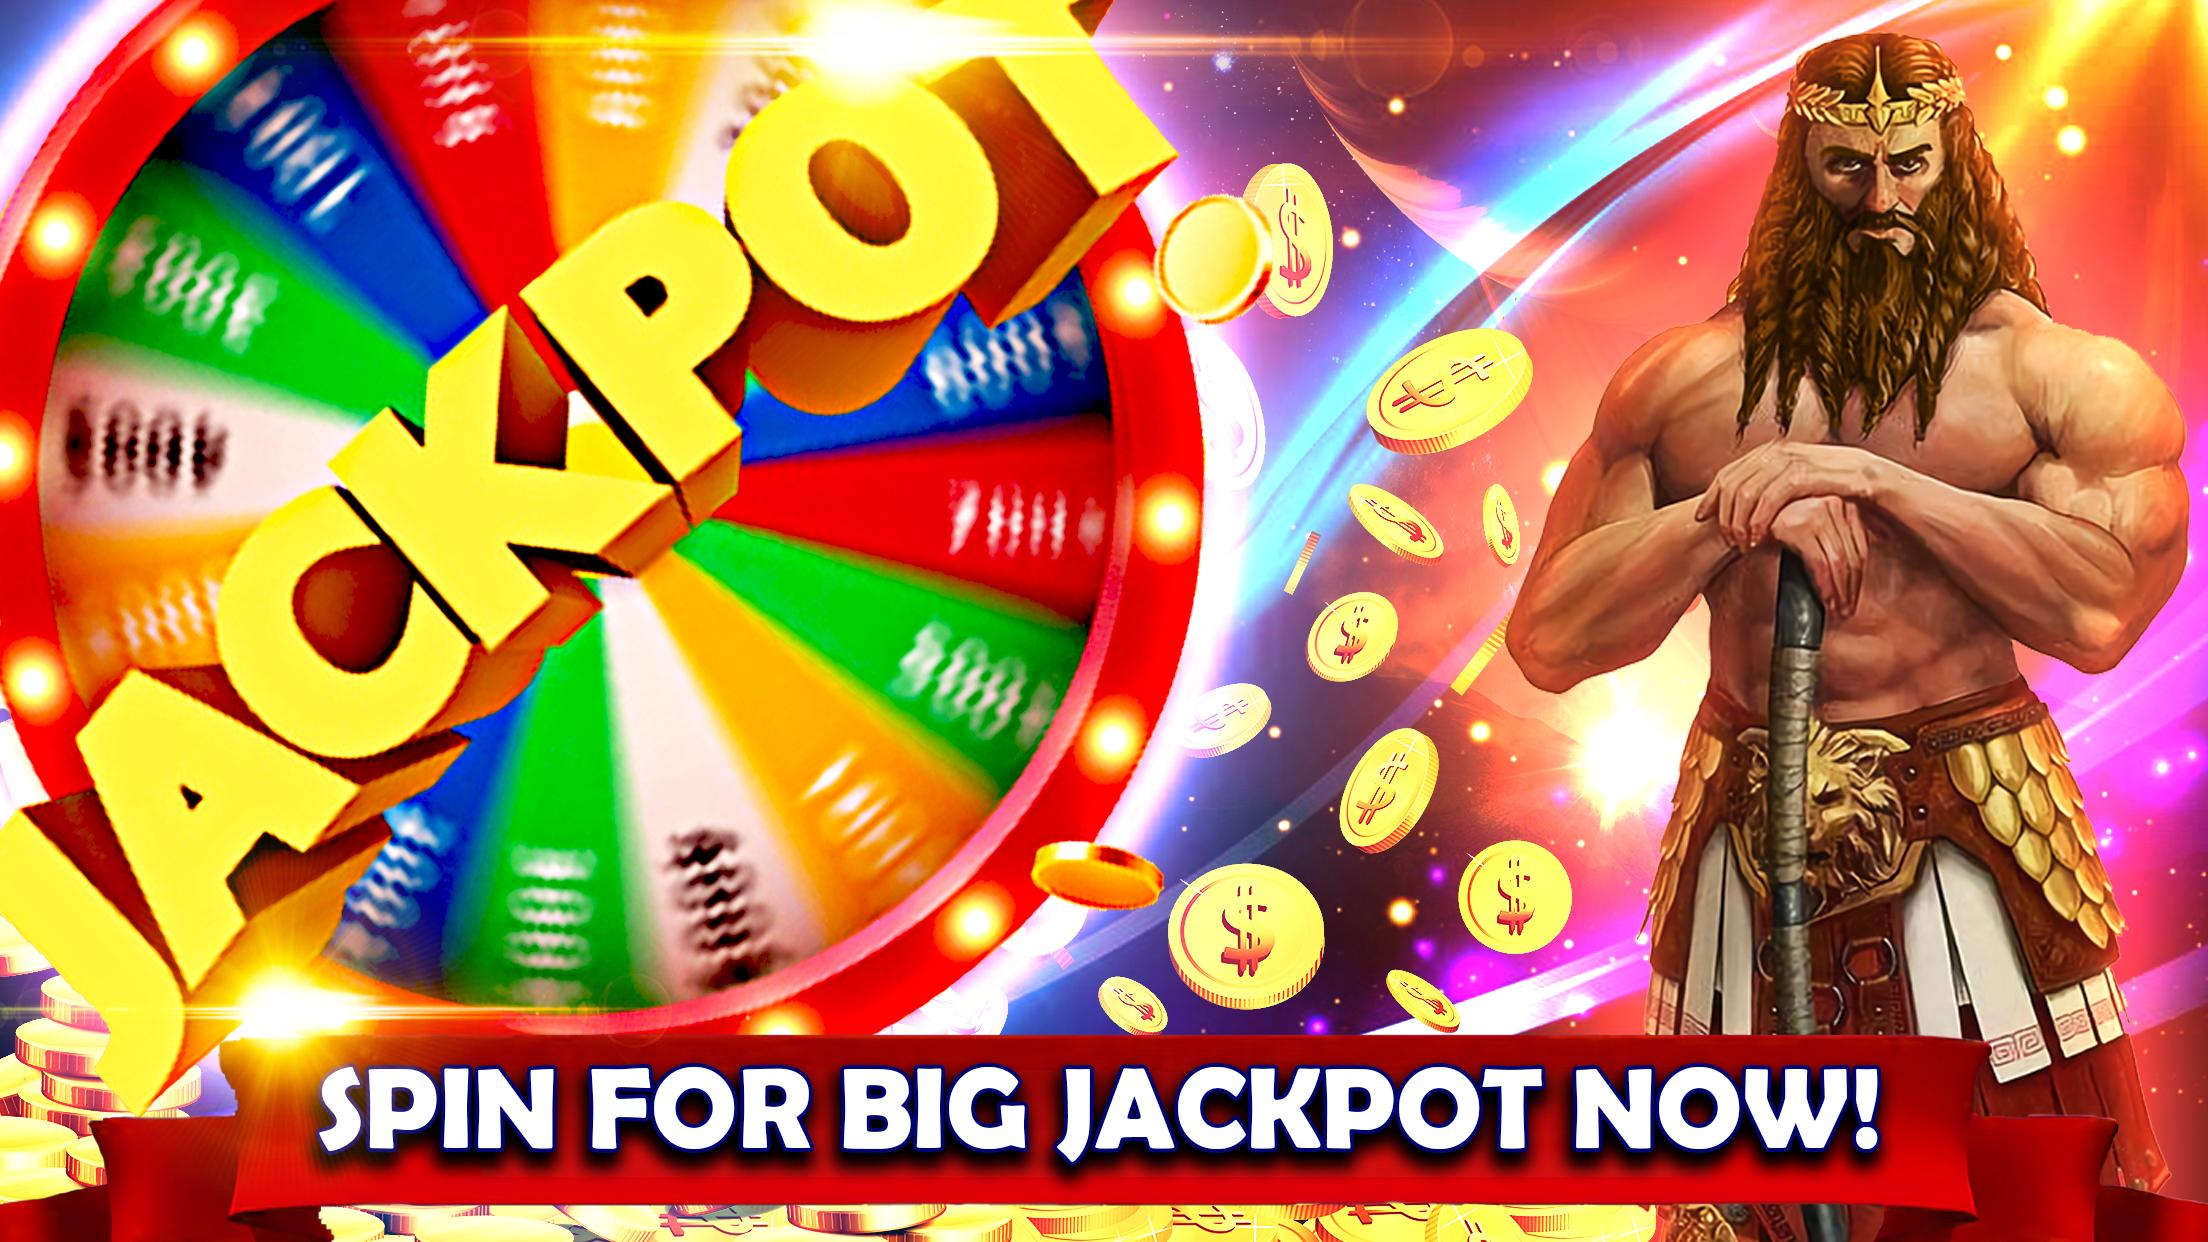 игровые автоматы казино санлайт приложение мой мир бесплатно